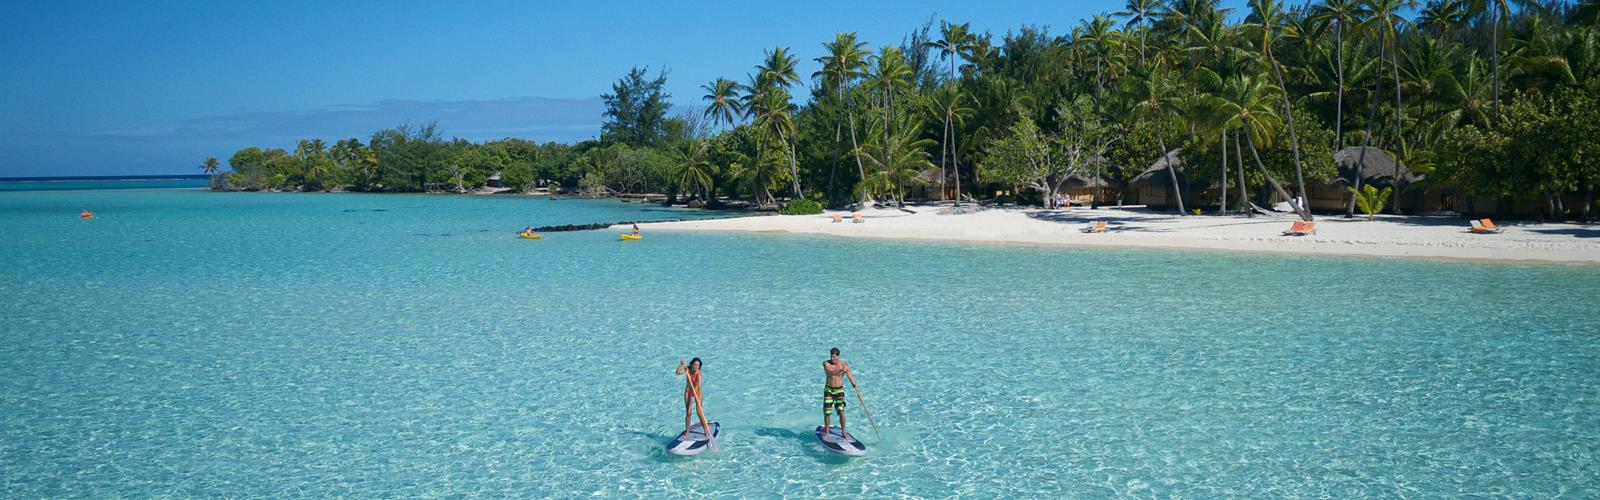 Bora Bora Pearl Beach Resort & Spa | 4 star hotel in Bora Bora ...